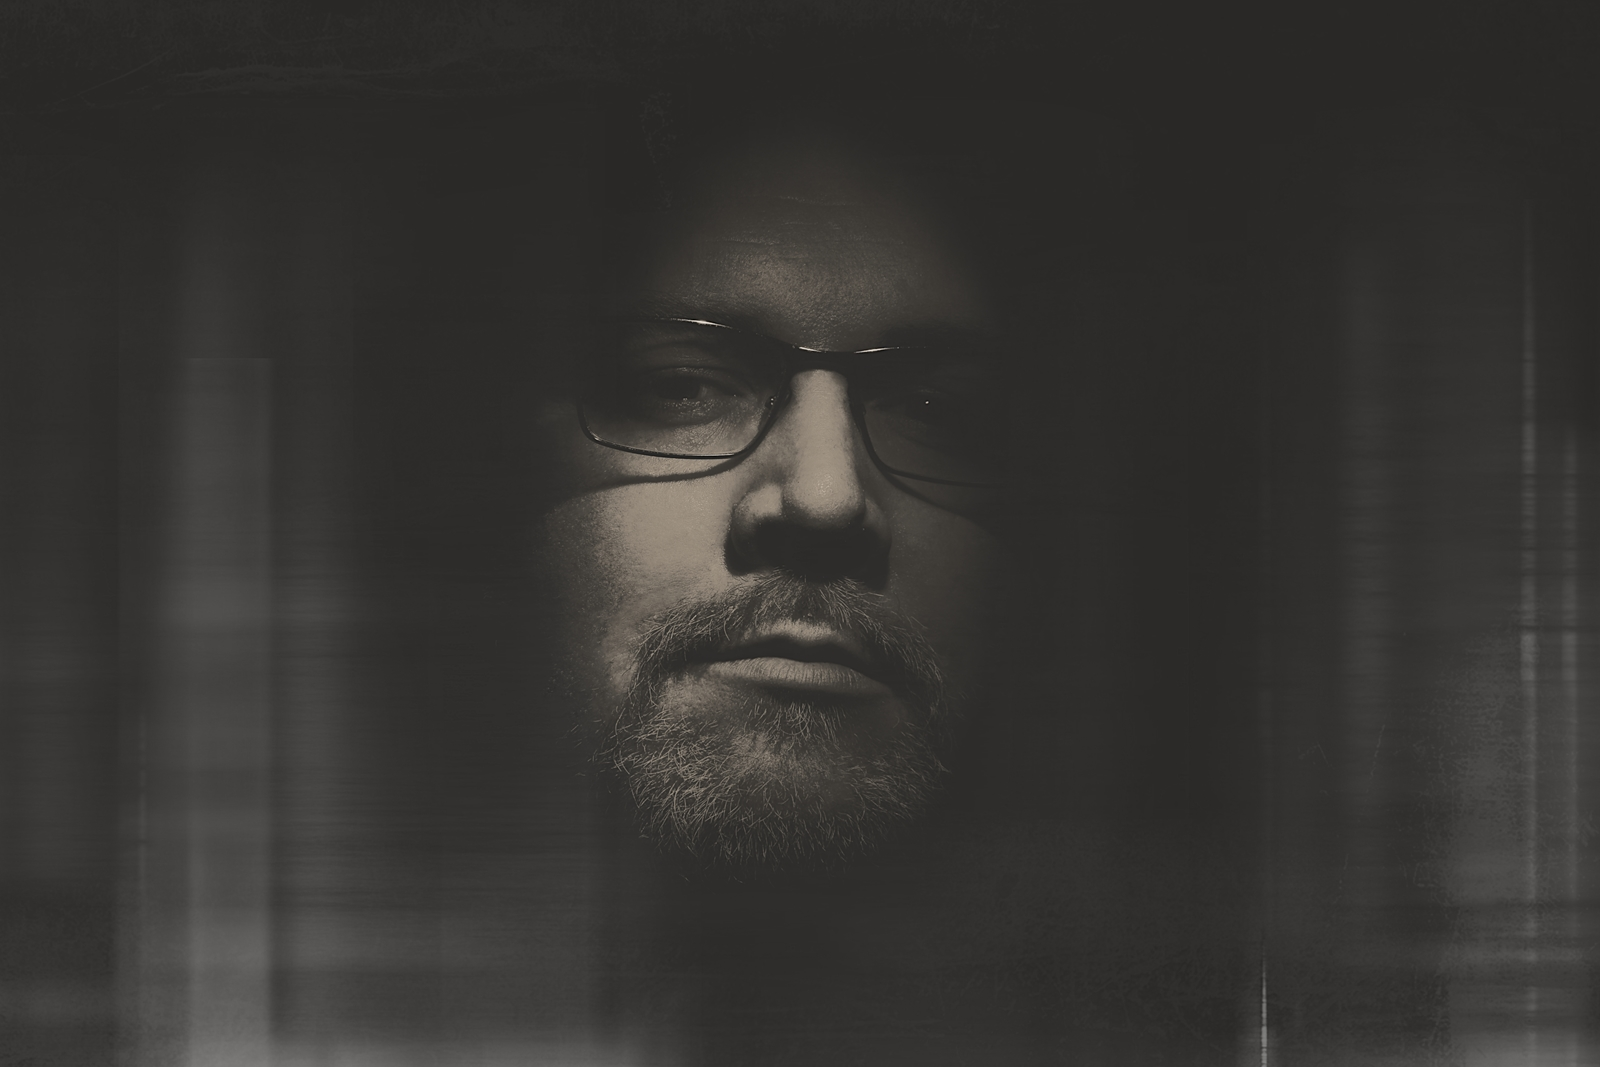 Schwarz Weiß Portrait mit Blitz von Danny Koerber für Sehnsucht der Augen.